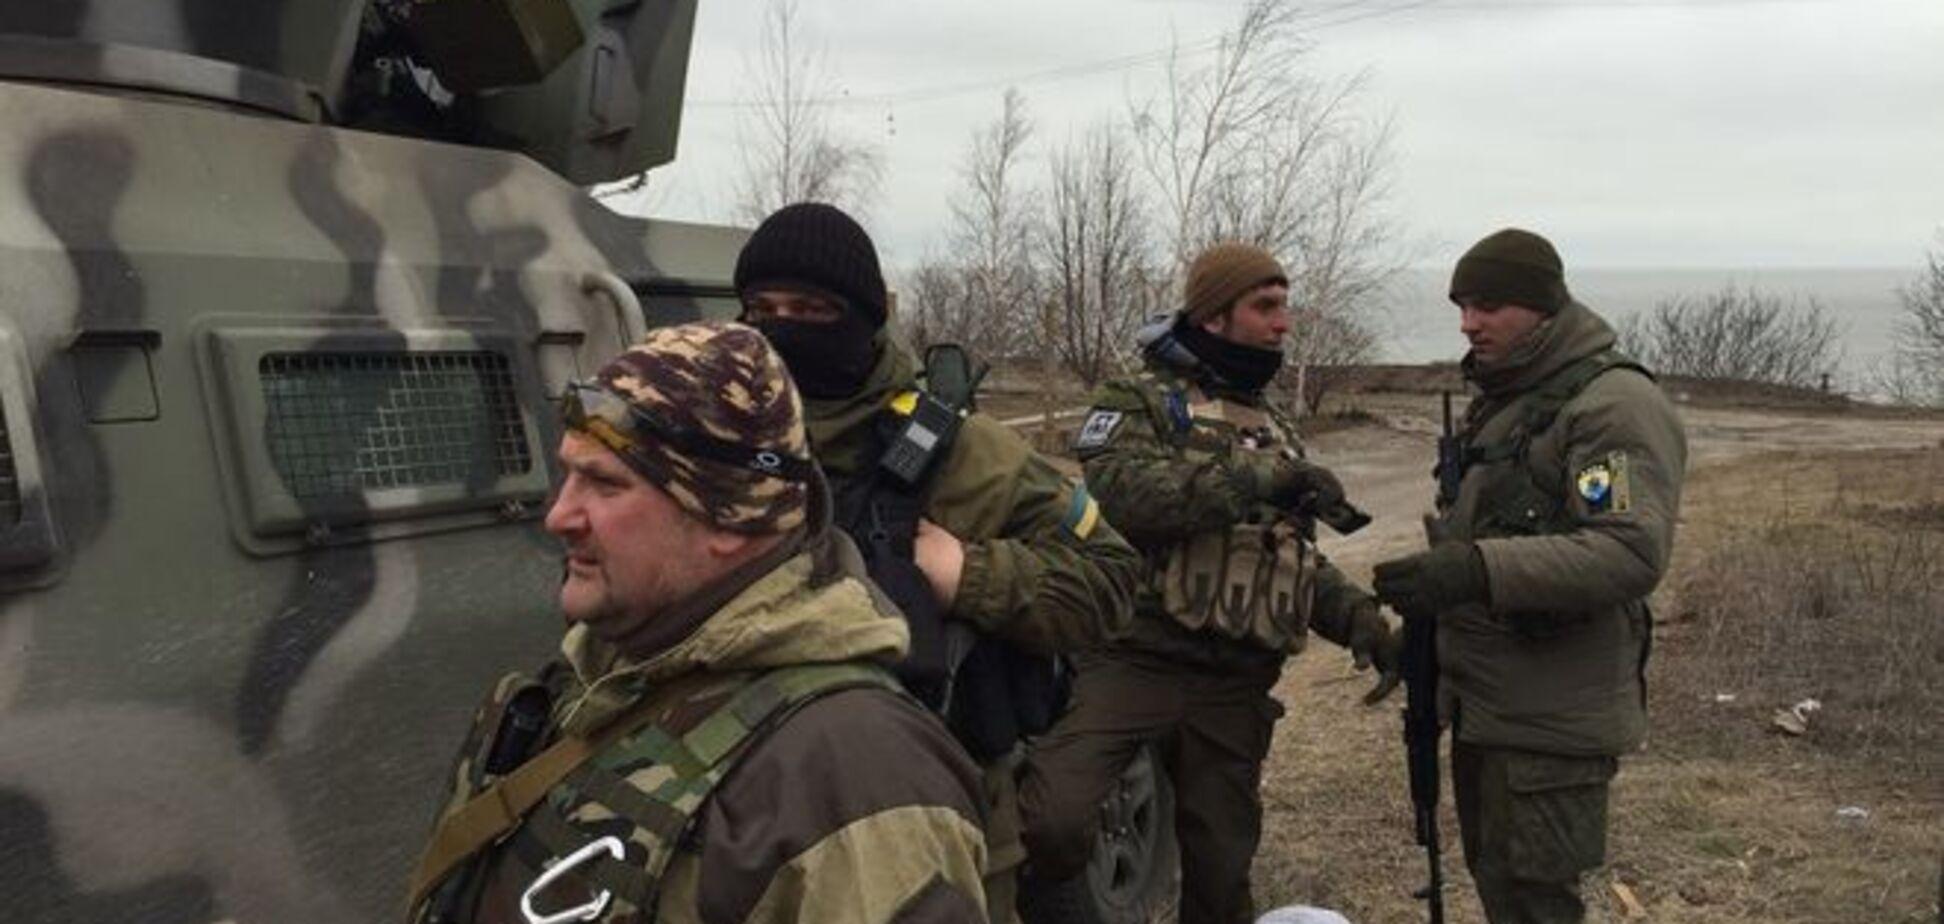 В Широкино боевики продолжают 'кошмарить' силы АТО: фоторепортаж с передовой